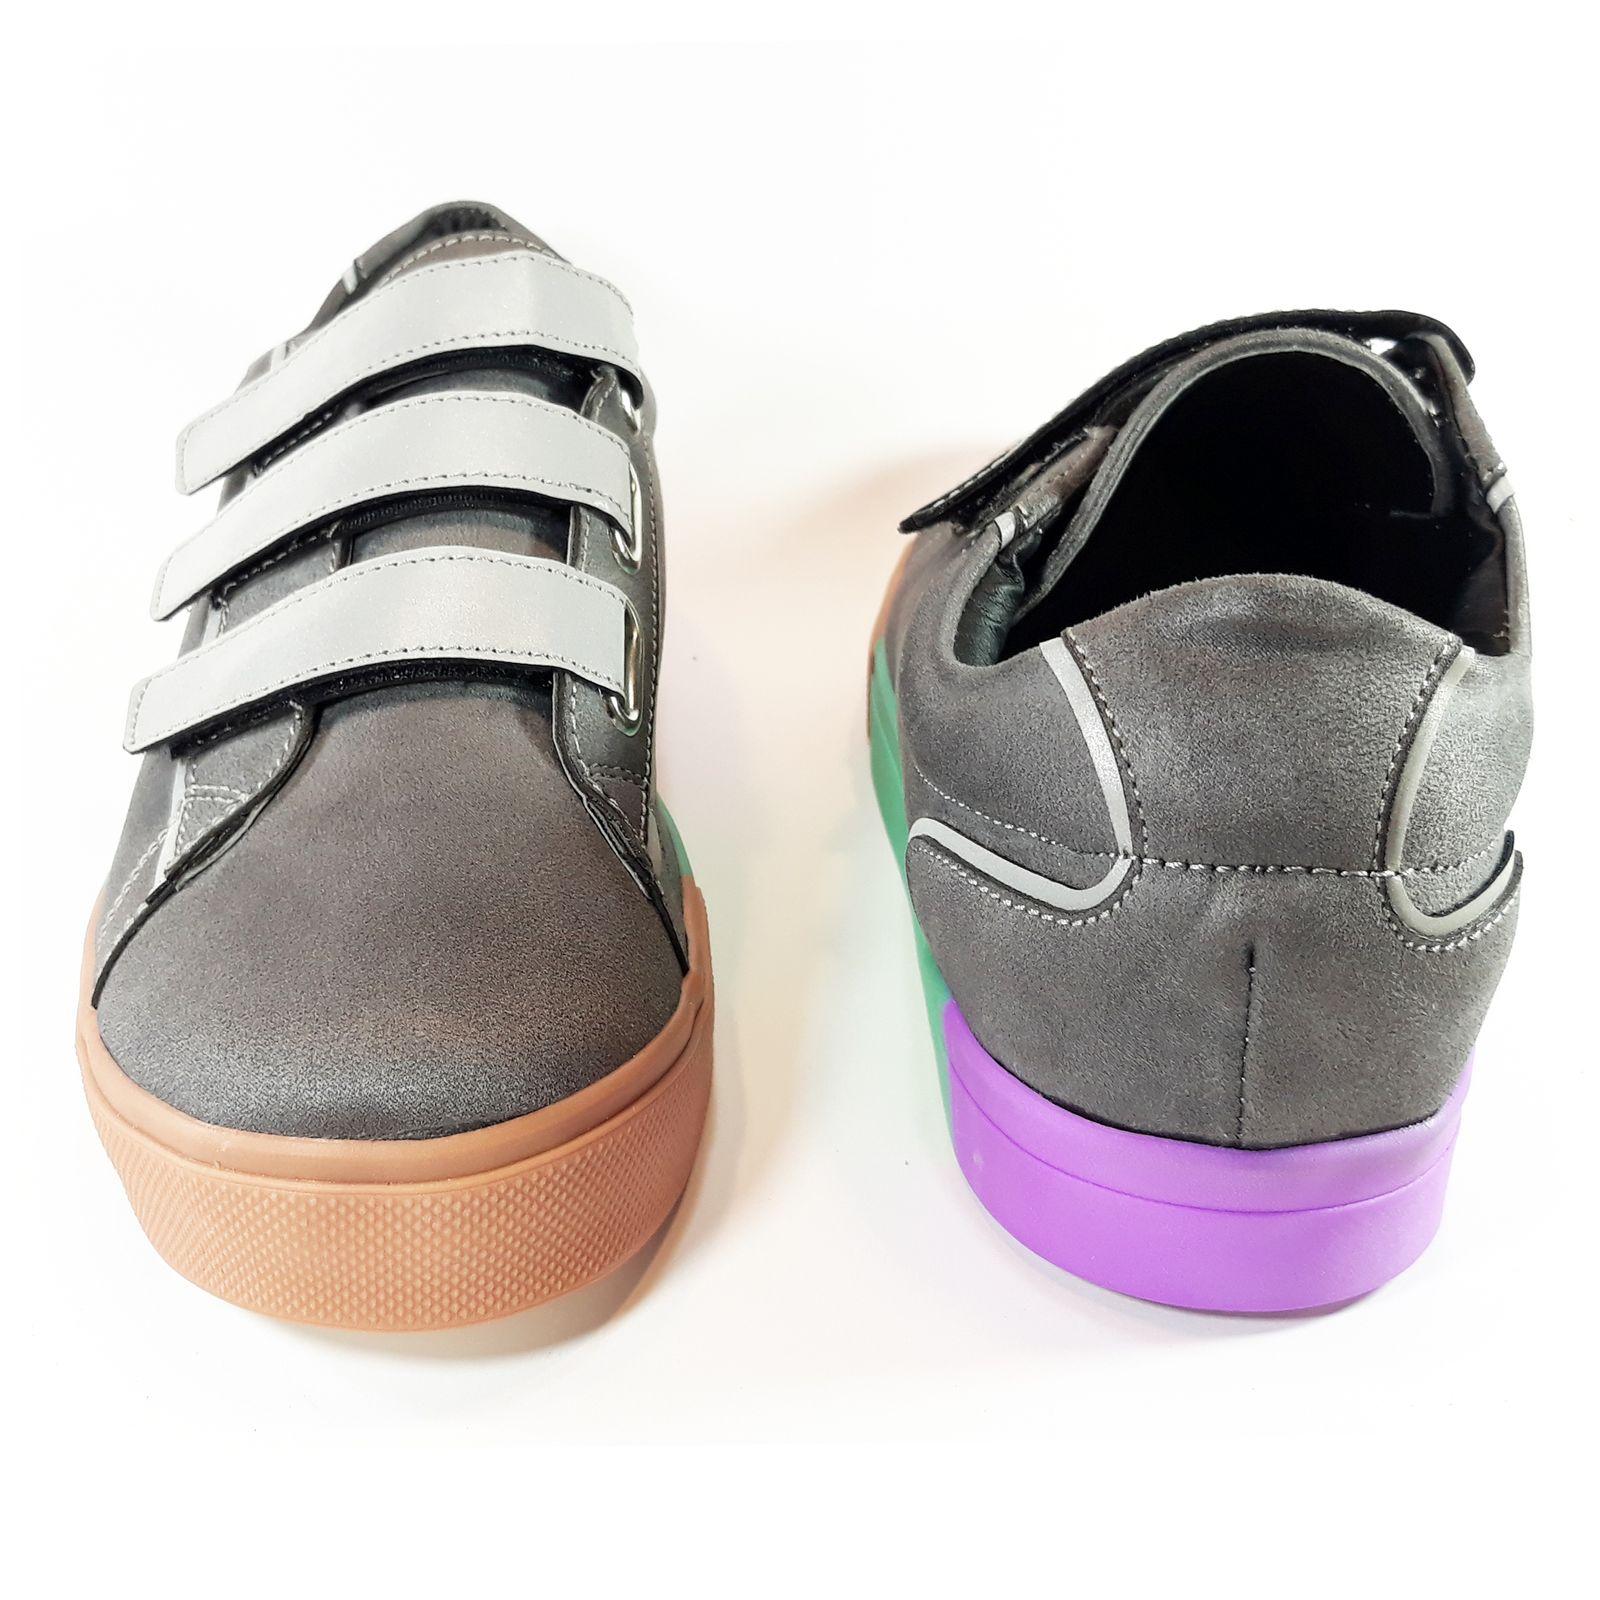 کفش روزمره زنانه کد 1106ST -  - 8